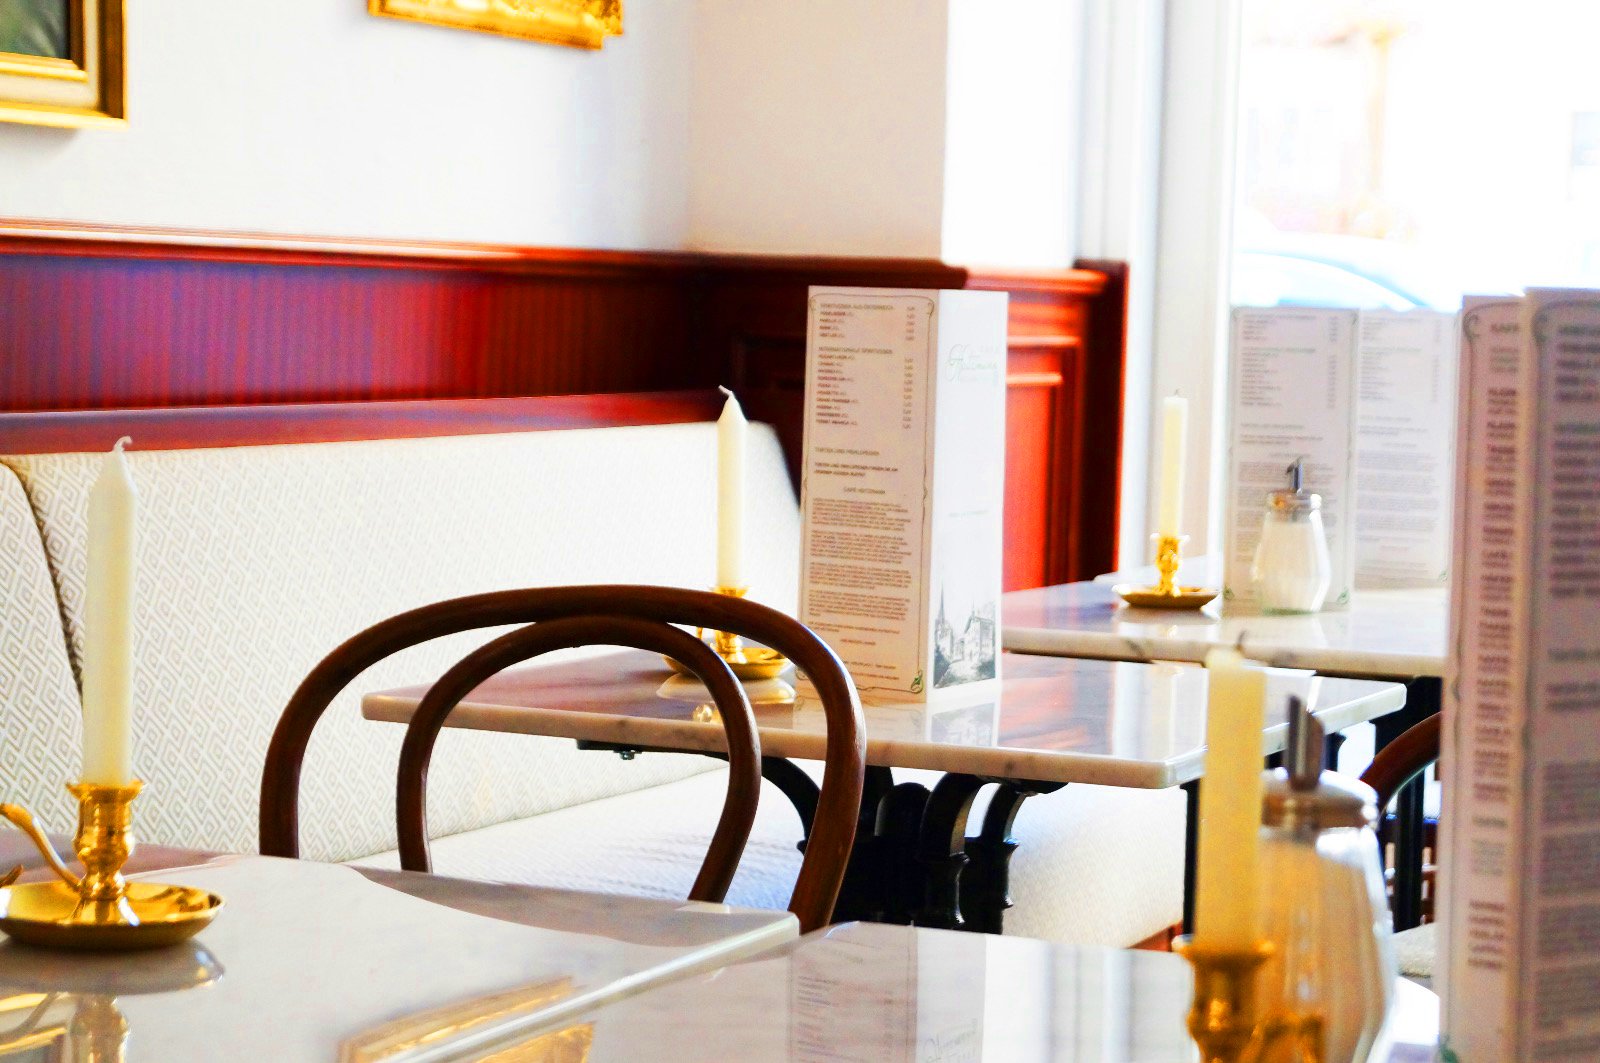 Kaffeehaus - Zum Start der neuen Wintersaison öffnet am Rauriser Marktplatz ein neues Kaffeehaus seine Pforten und begeistert mit seinem zeitlos eleganten Kaffeehausambiente sowohl Einheimische als auch Gäste gleichermaßen. In den warmen Sommermonaten können die Kaffeehausspezialitäten und Konditoreiwahren von heimischen Produzenten auch im schattigen Gastgarten sowie in der angenehm, atmosphärisch gestalteten Weinlaube im Innenhof genossen werden